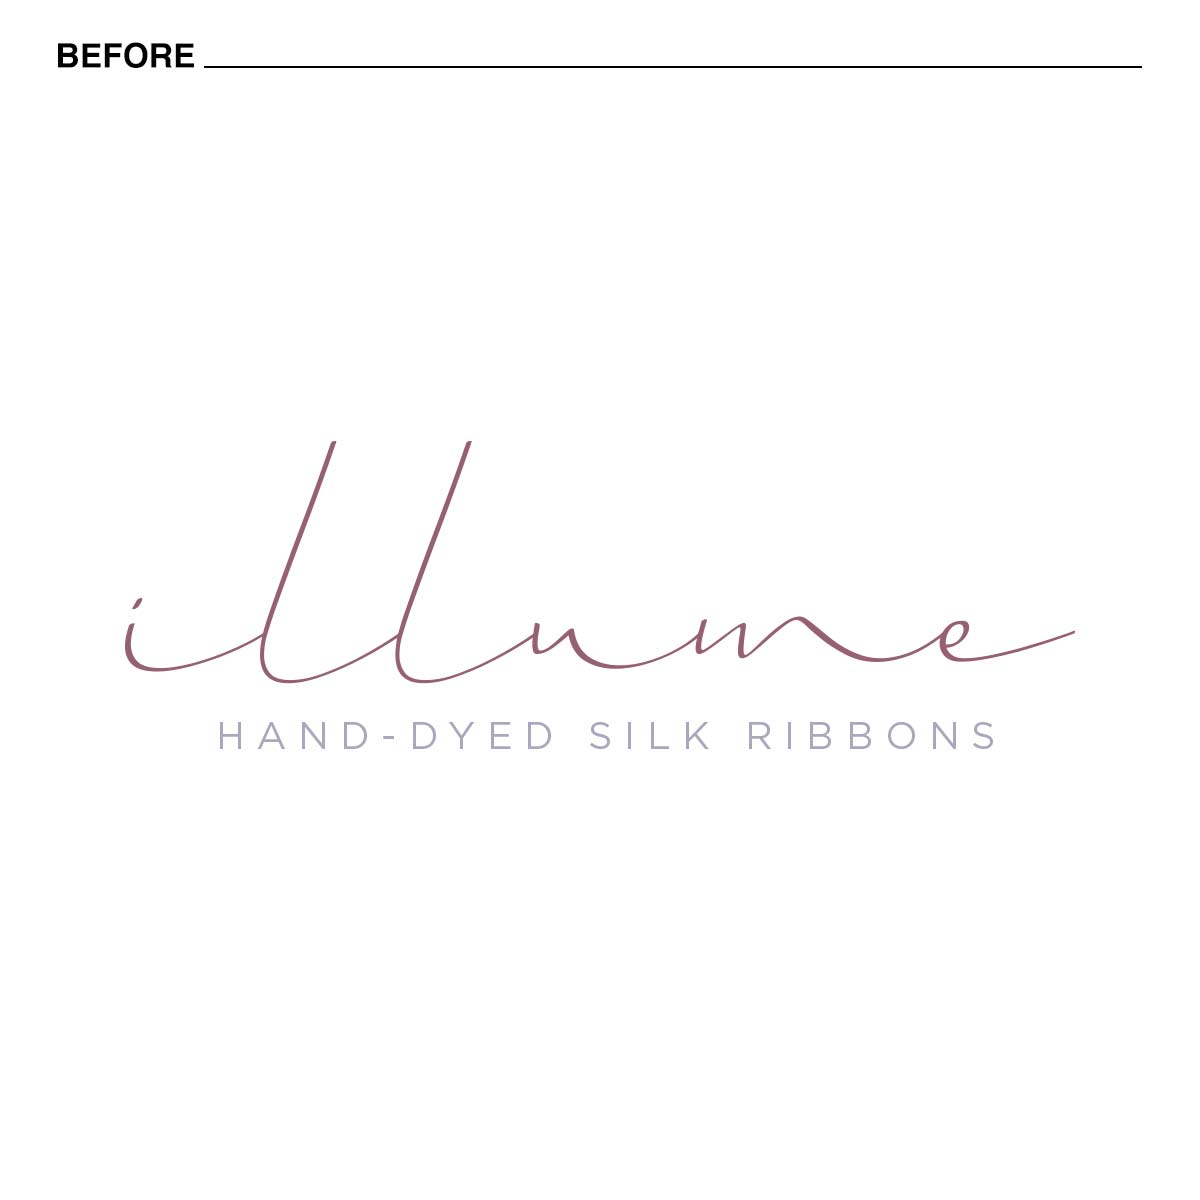 illume silks old logo